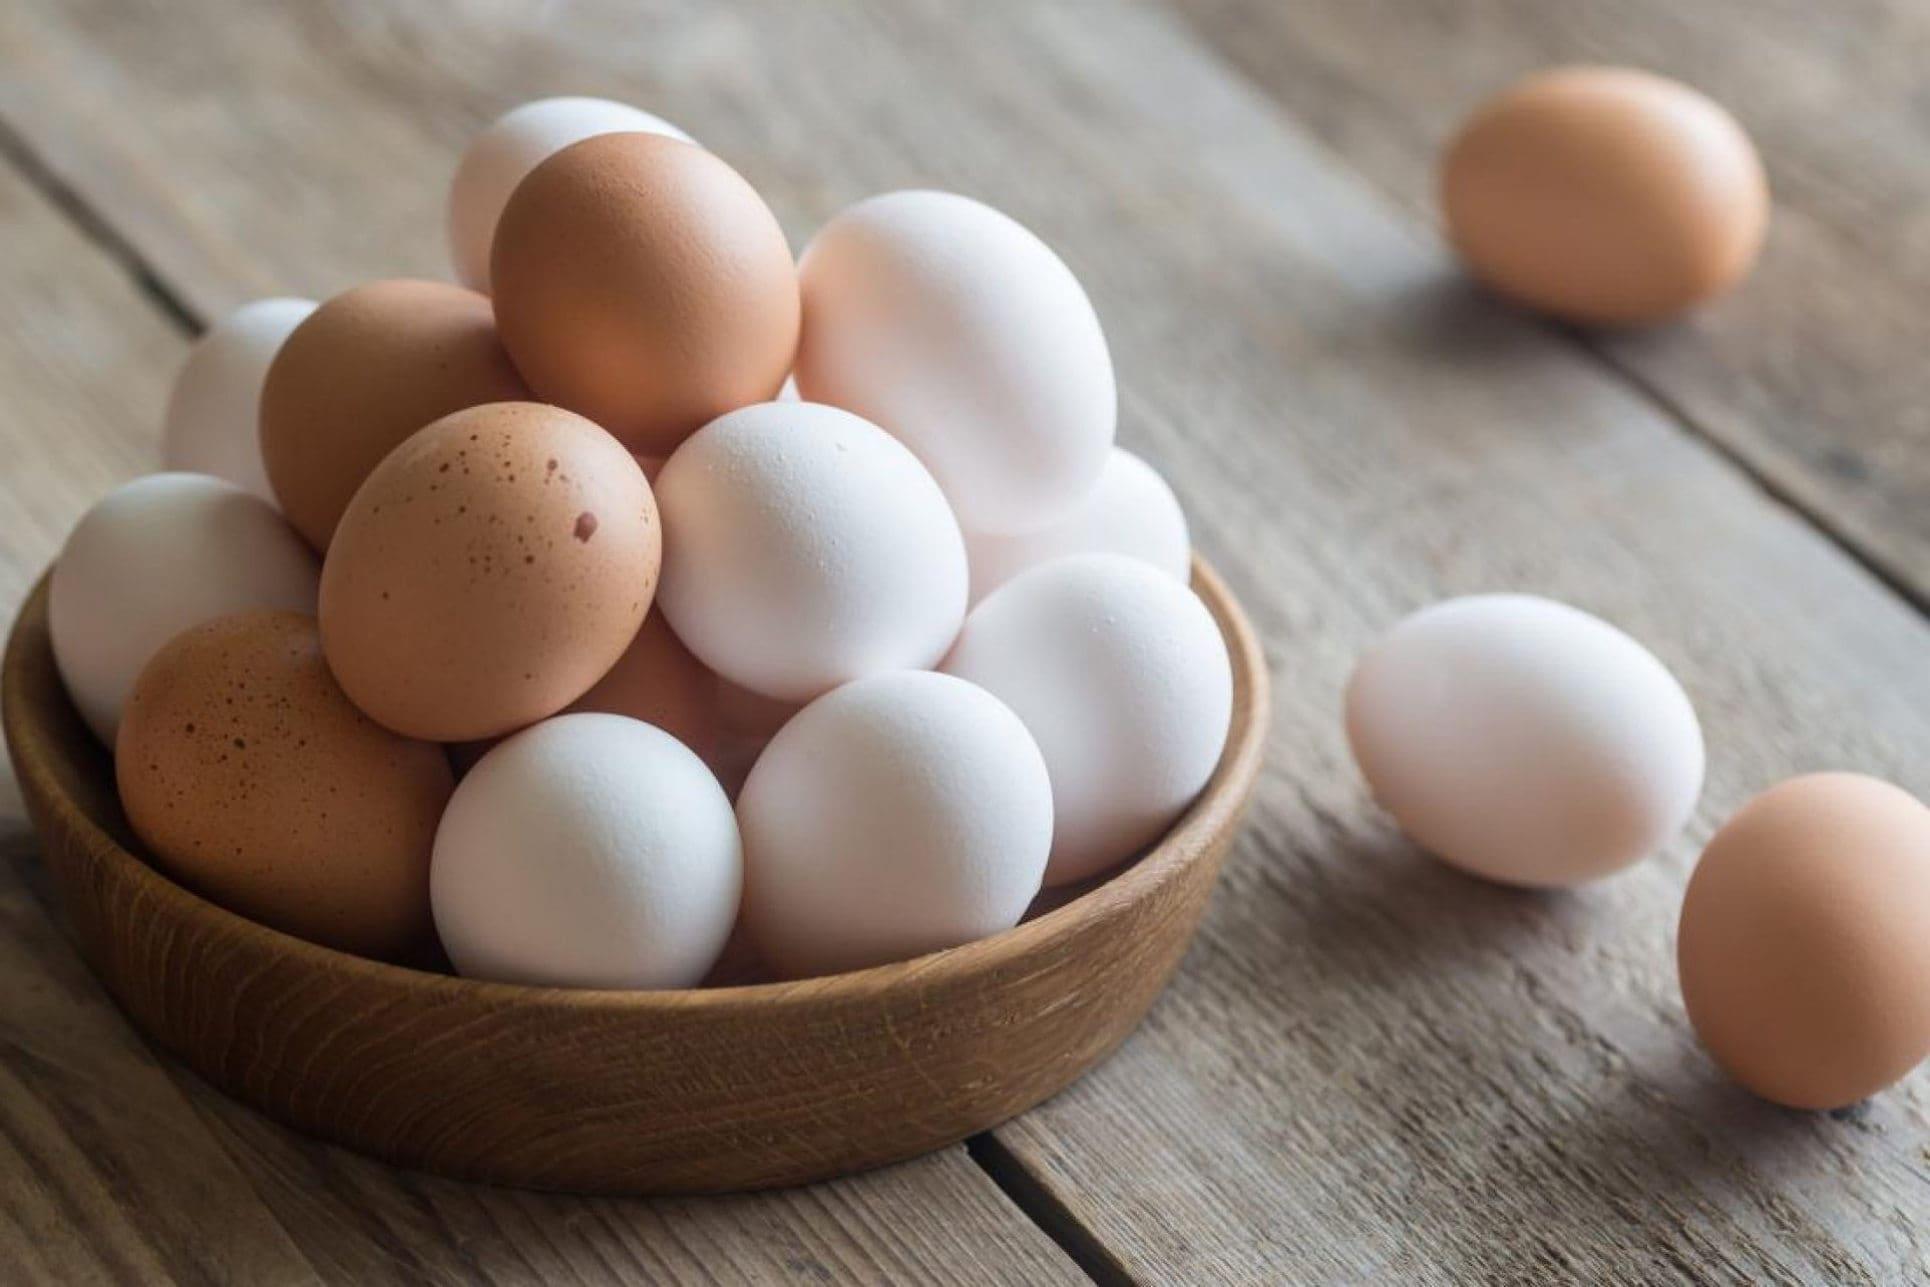 Яйцо (пищевой продукт)